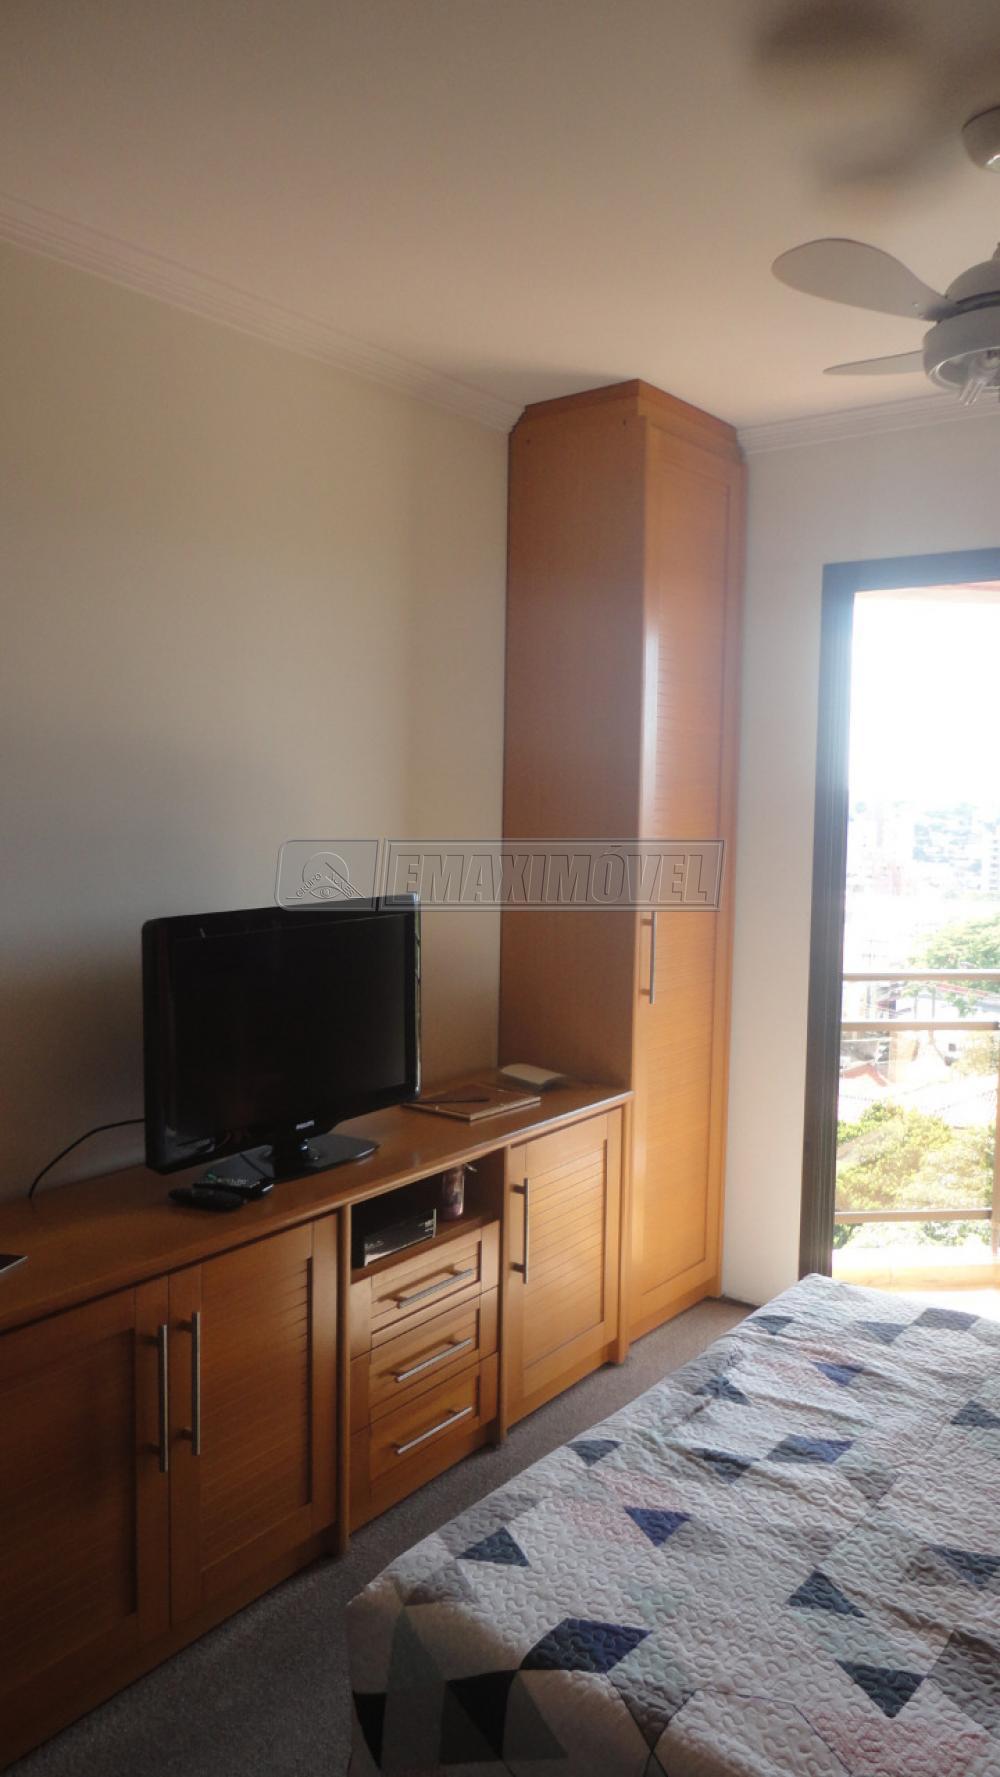 Comprar Apartamentos / Apto Padrão em Sorocaba apenas R$ 510.000,00 - Foto 14